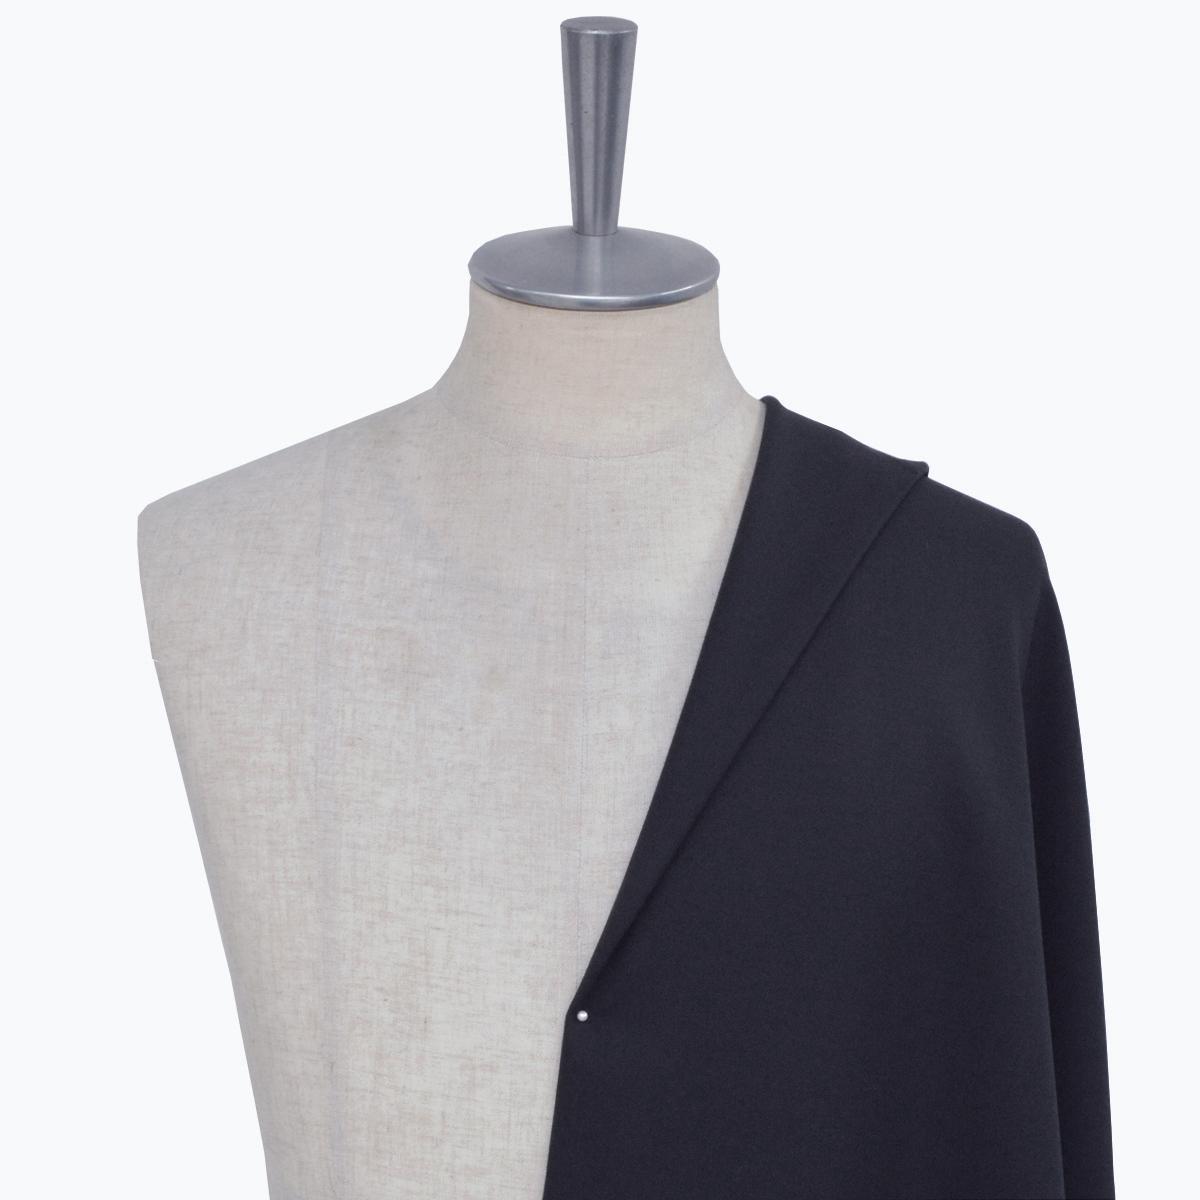 [オーダースーツ]抜群の着心地で、スマートにブラックを着こなす。